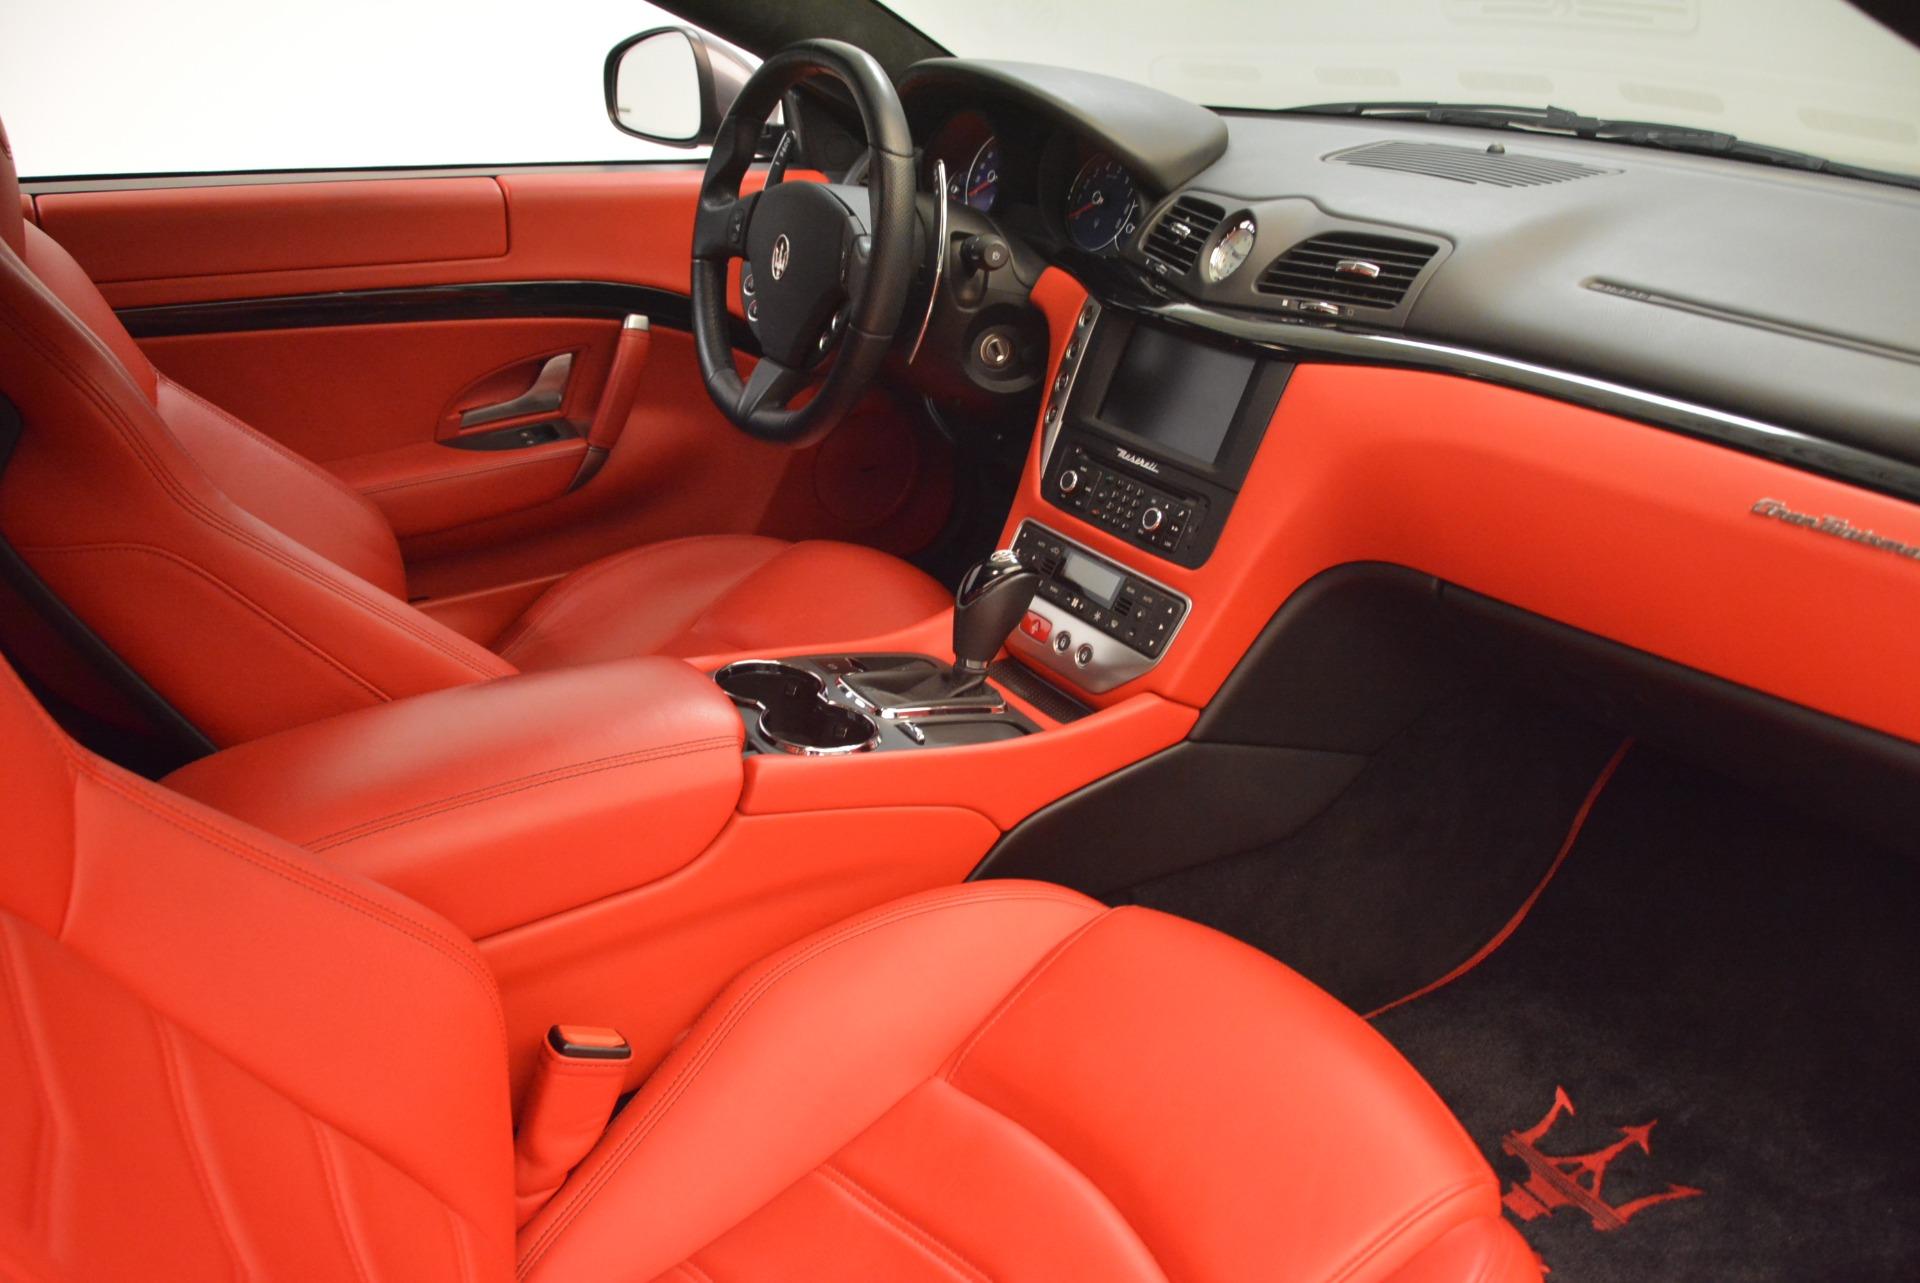 Used 2014 Maserati GranTurismo Sport For Sale In Greenwich, CT 2131_p17